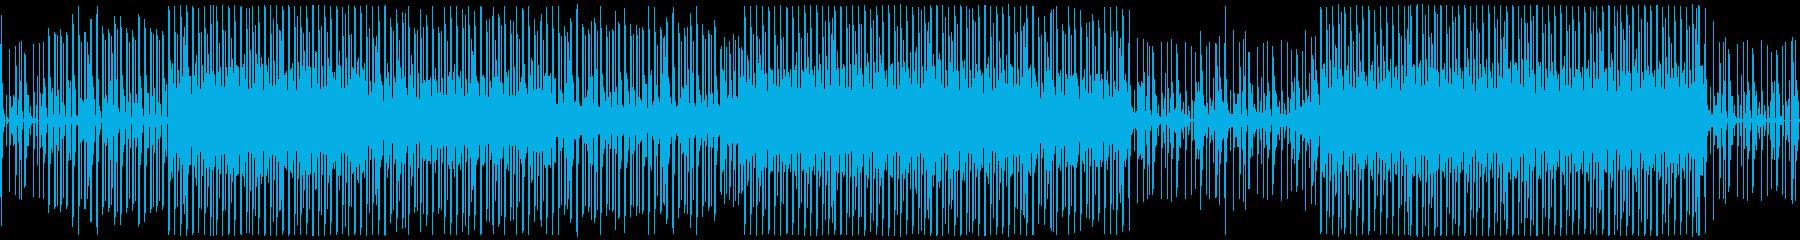 ループ対応の4つ打ミニマルテクノナンバーの再生済みの波形